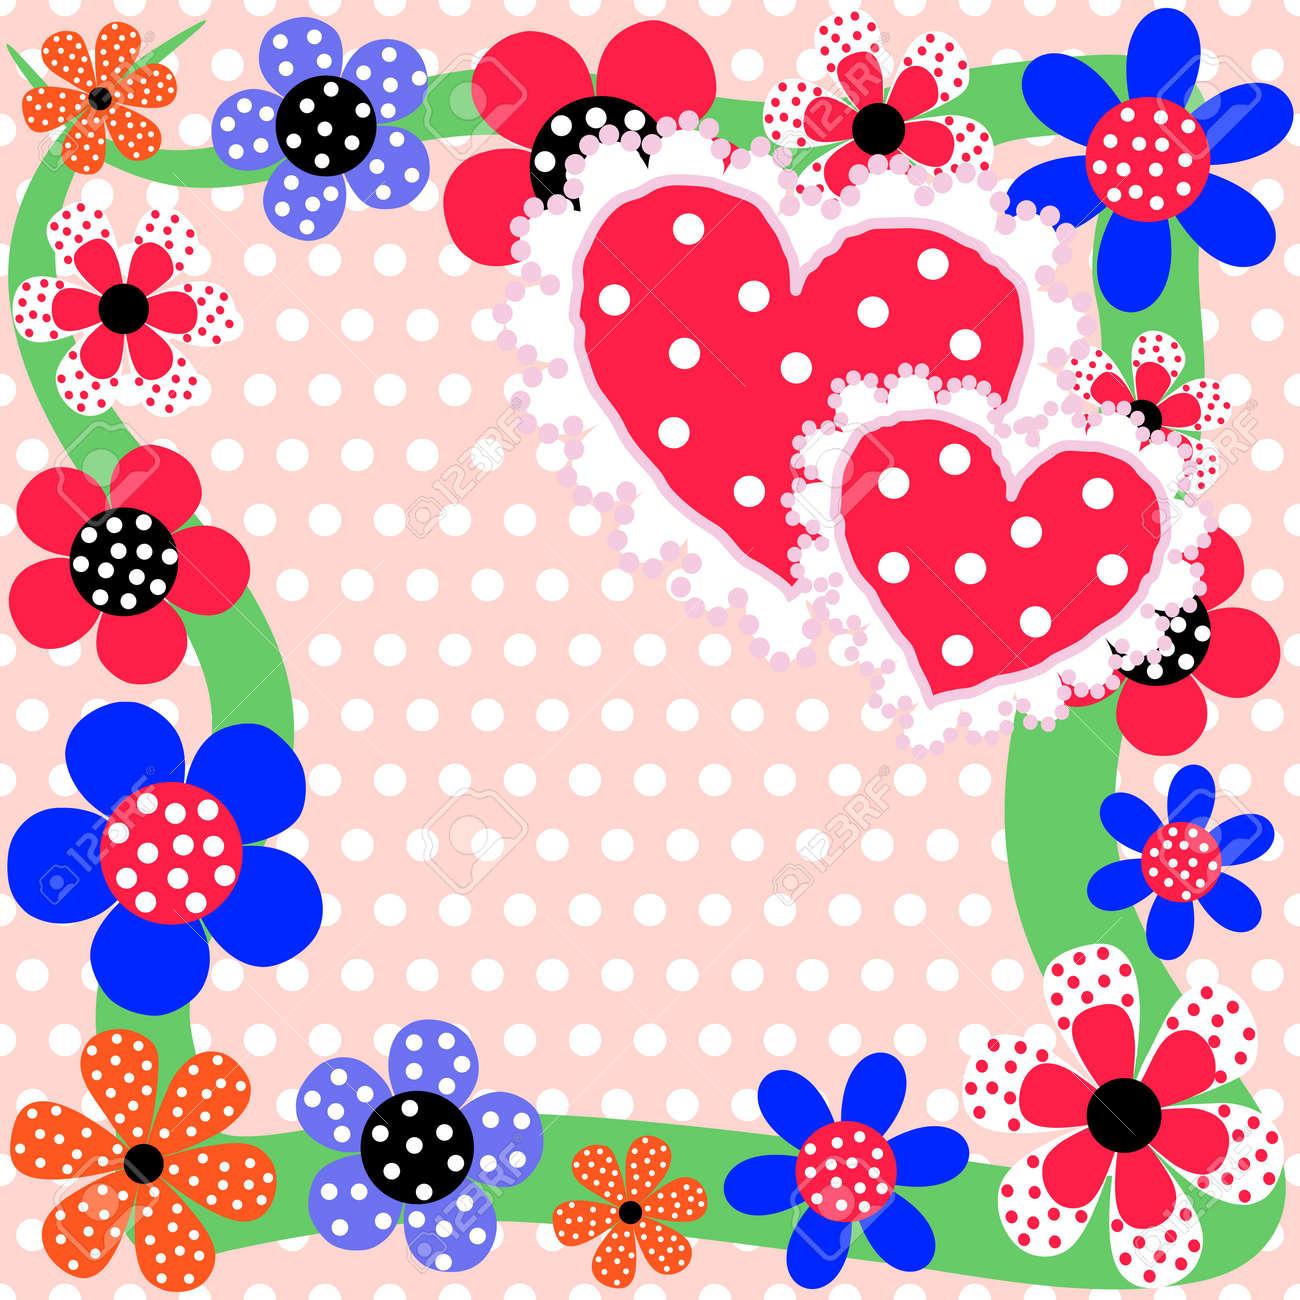 Fondo Floral Romántico Brillante Con Flores Y Corazones Bonitos